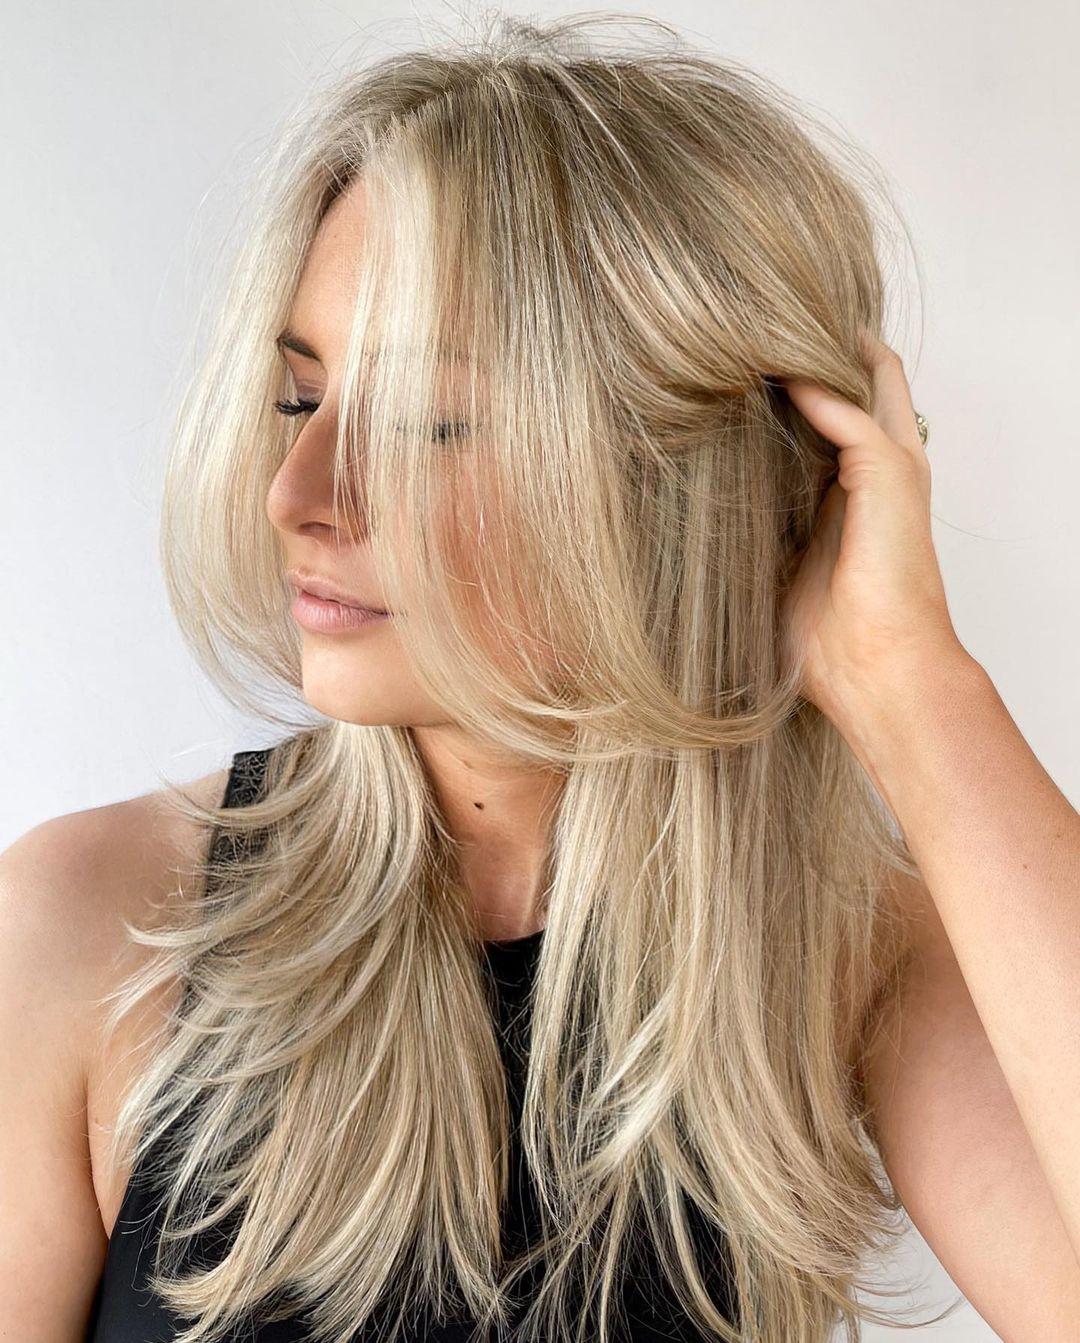 Feminine Long Layered Haircut